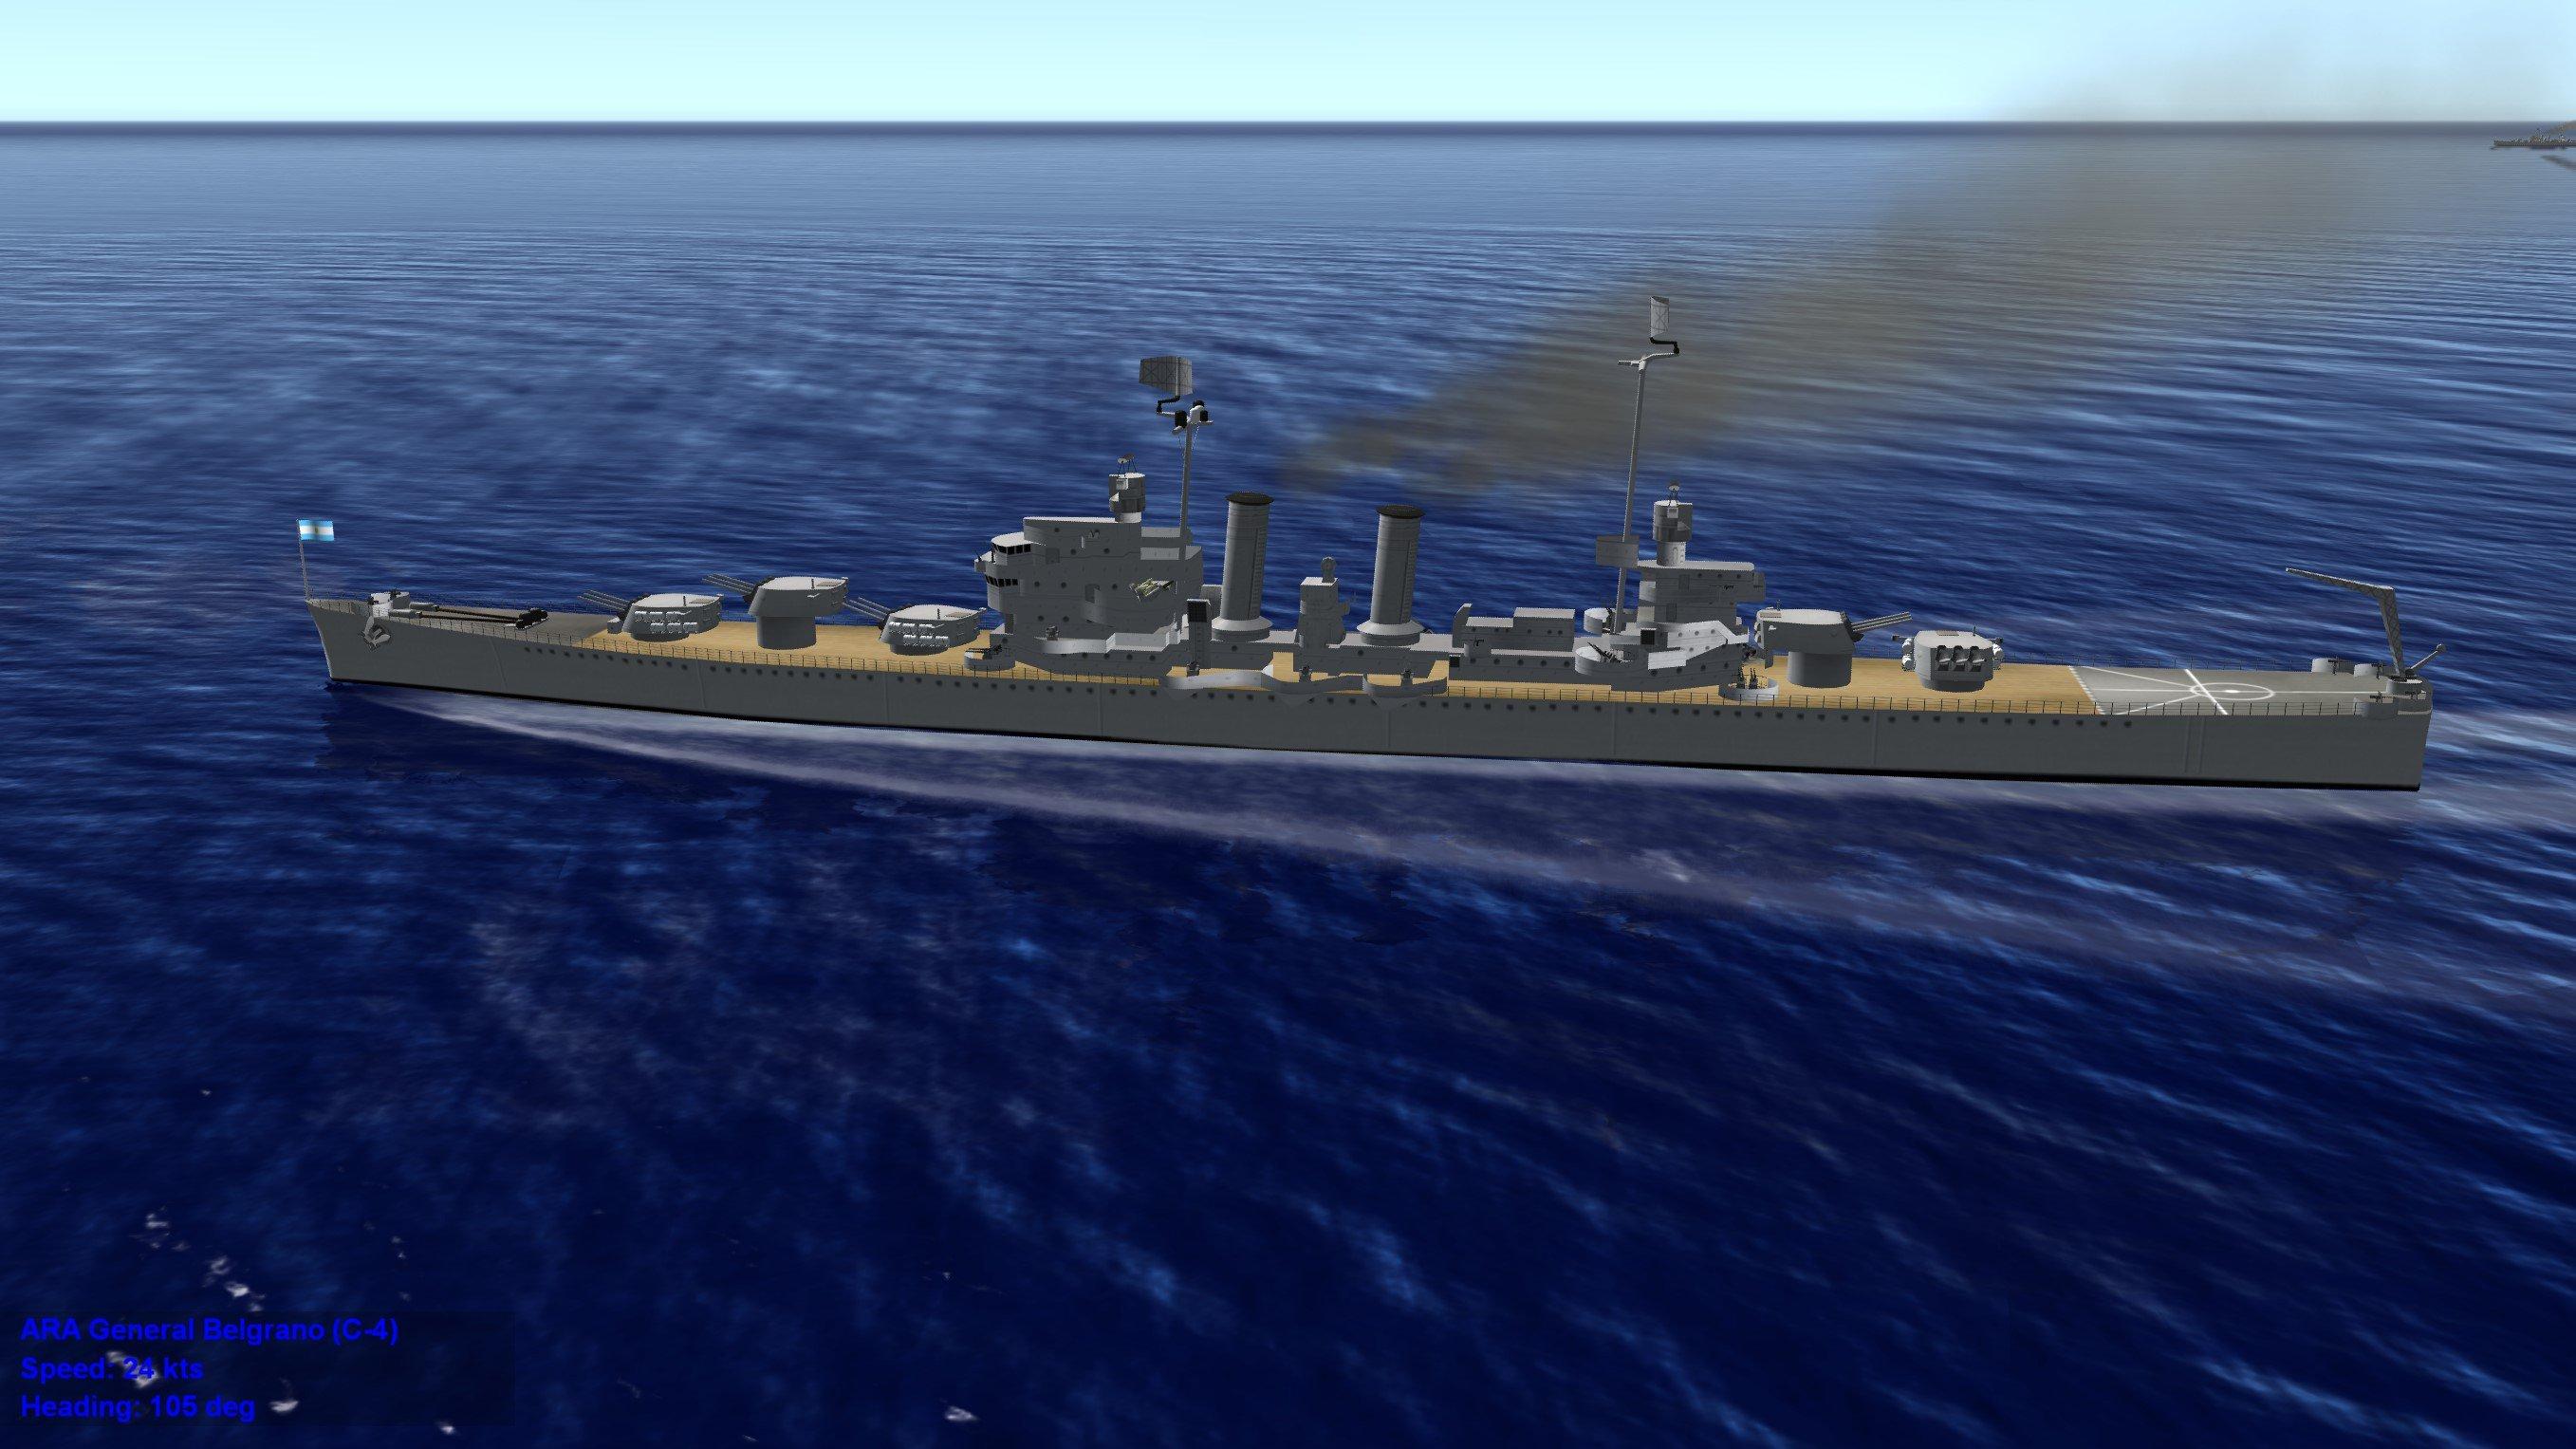 ARA General Belgrano (C-4)